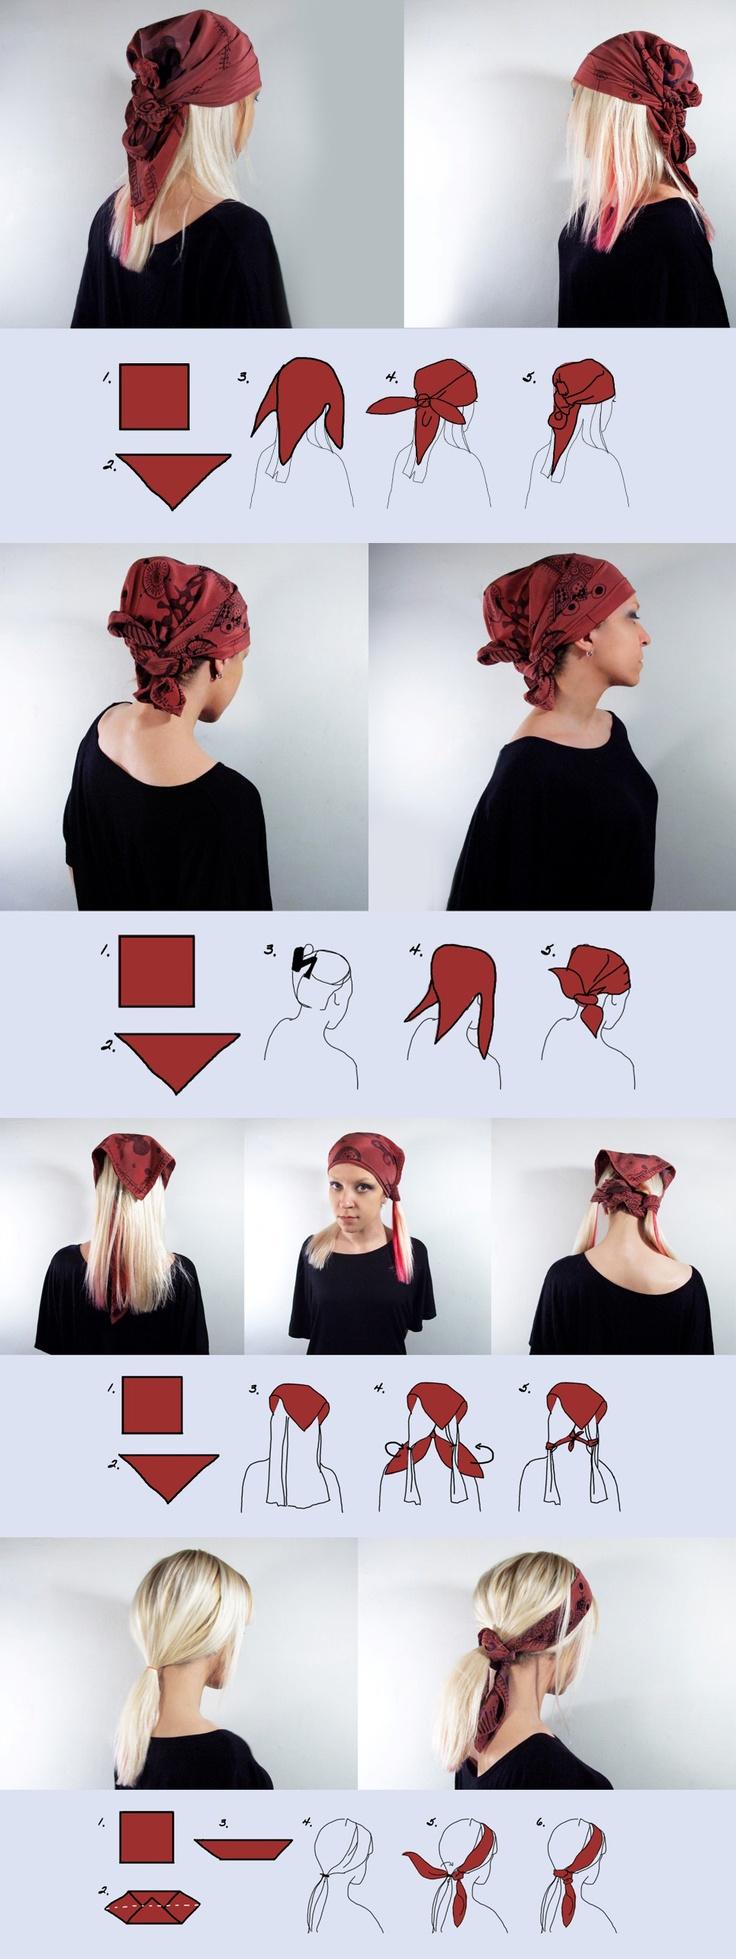 comment mettre et enrouler un foulard autour de la t te. Black Bedroom Furniture Sets. Home Design Ideas